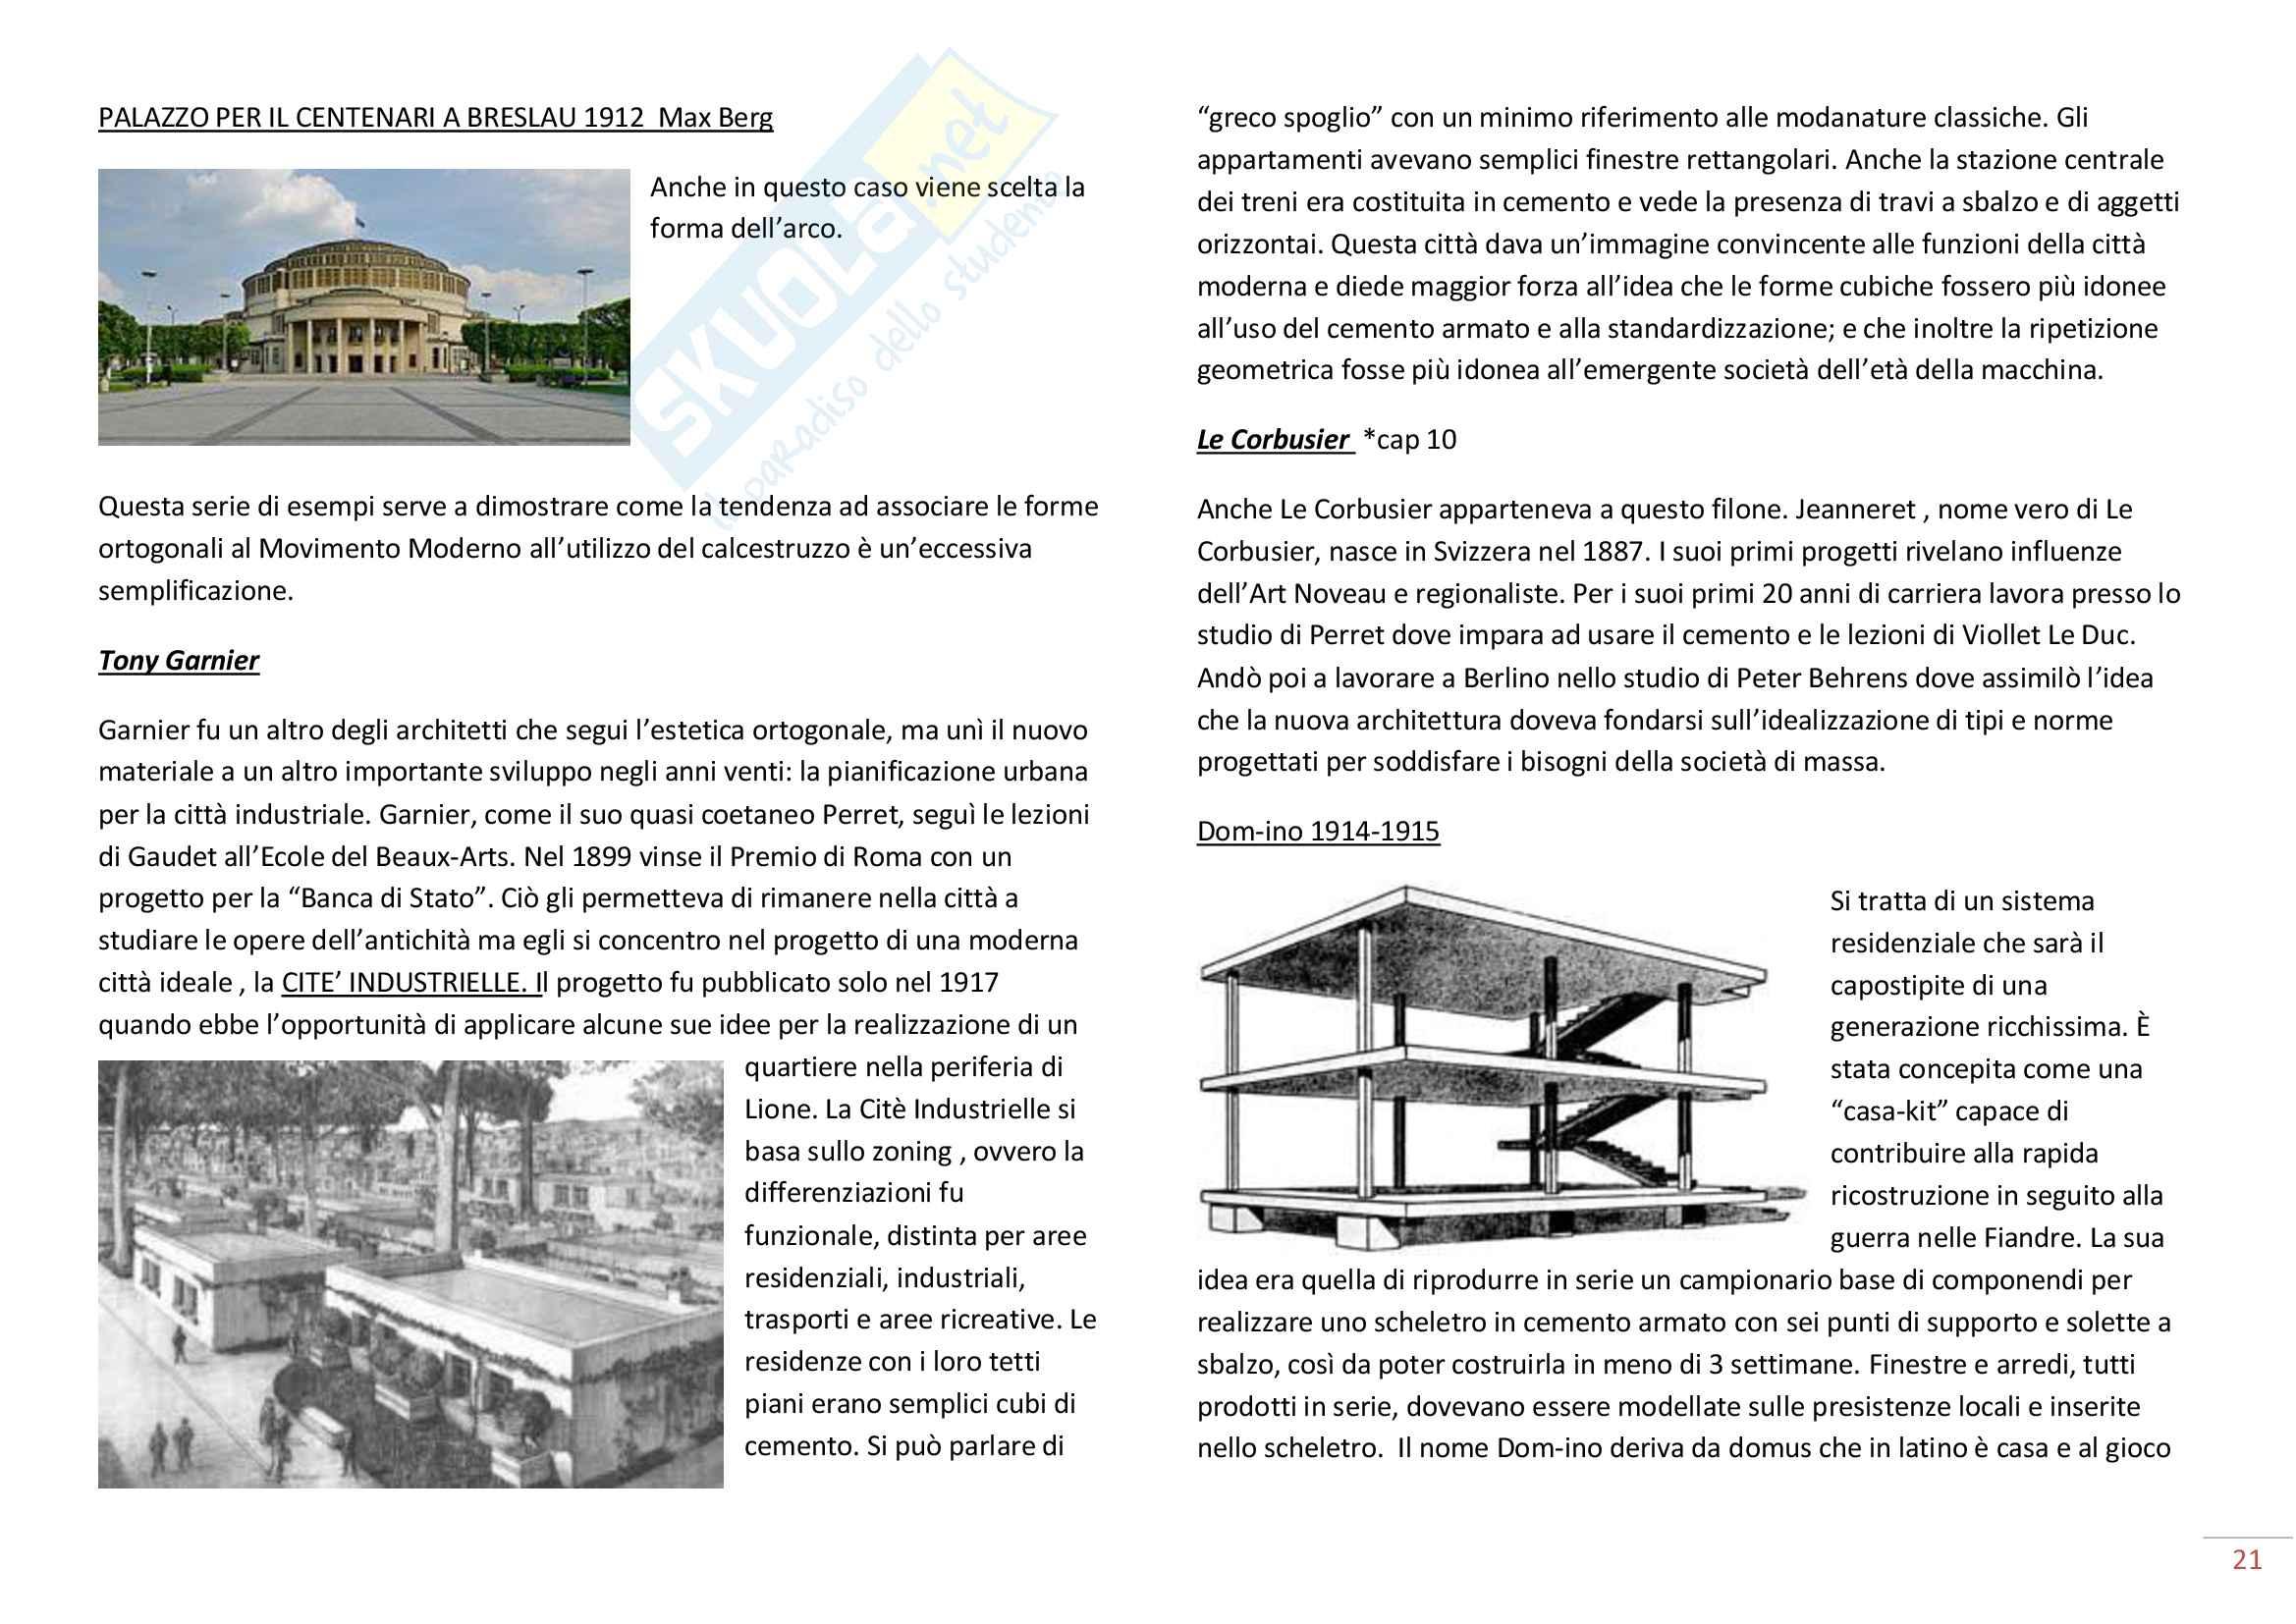 Storia dell'Architettura del '900 Pag. 21